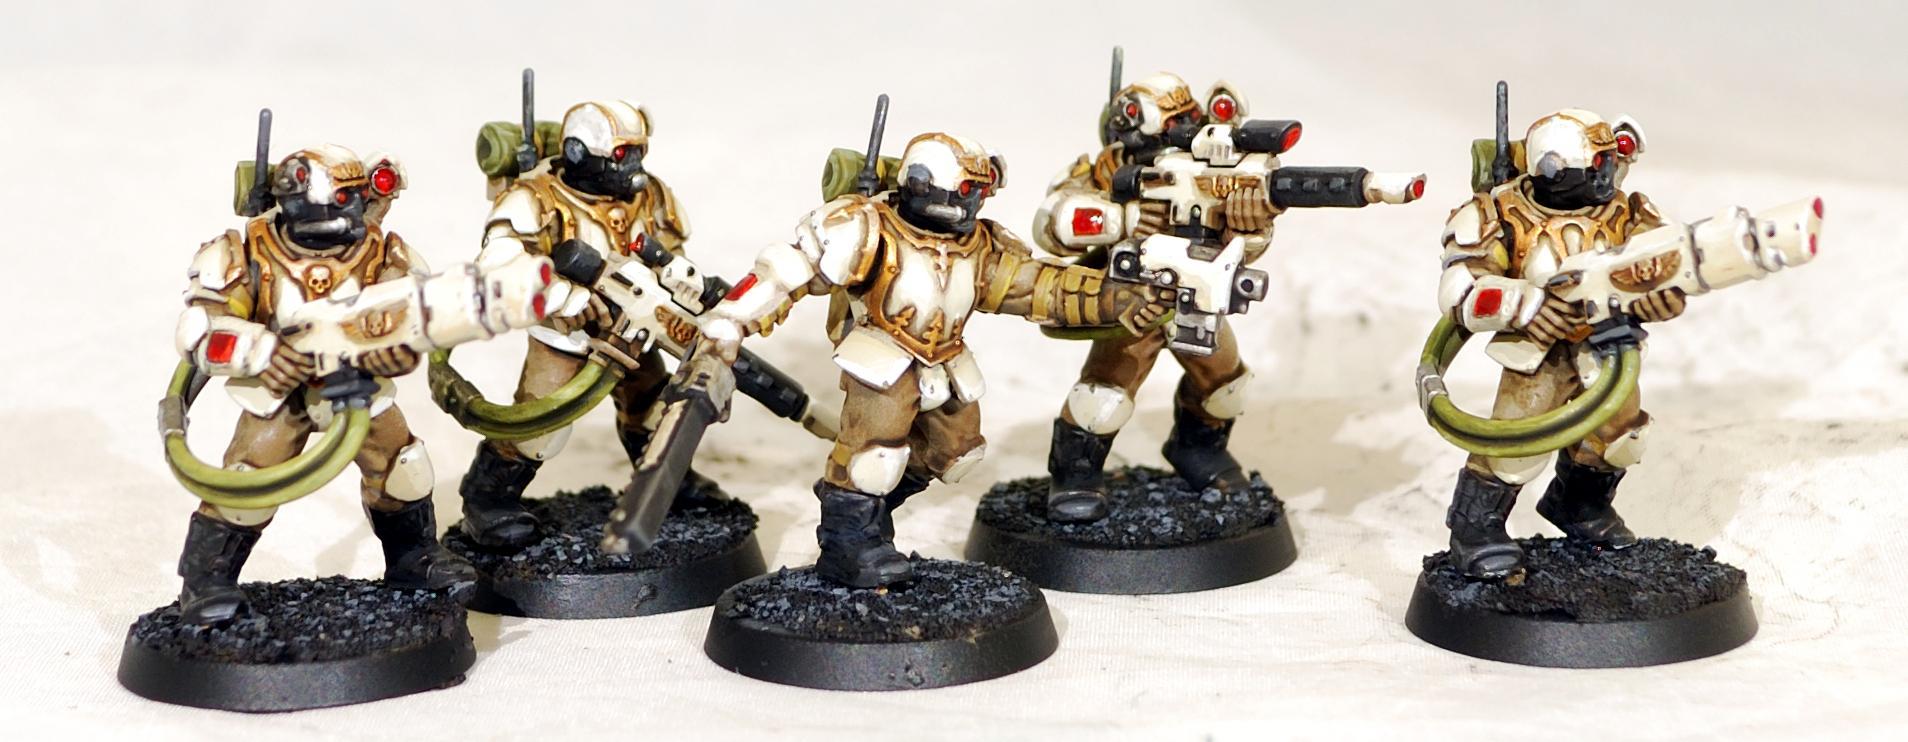 Astra Militarum, Imperial Guard, Militarum Tempestus, Scion, Strom Troopers